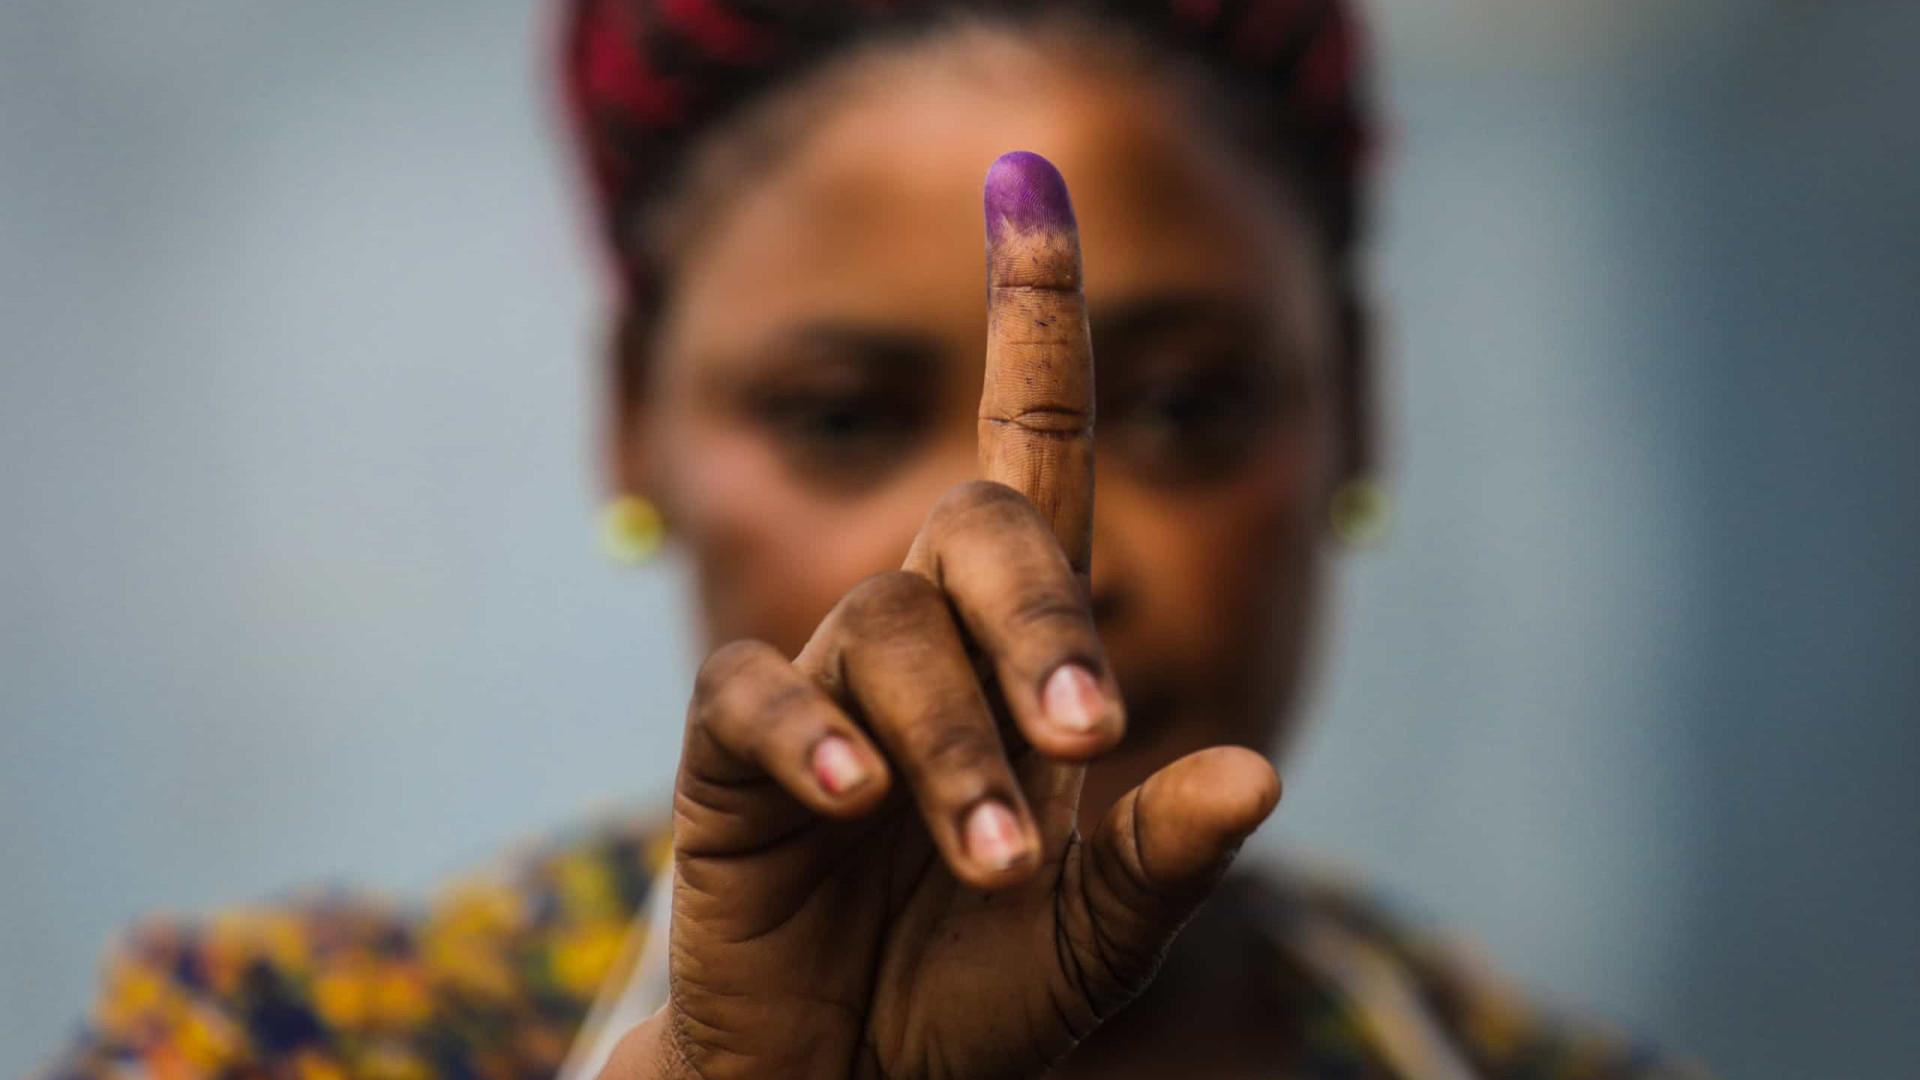 """Santos Silva espera """"respeito pelas regras democráticas"""" em São Tomé"""